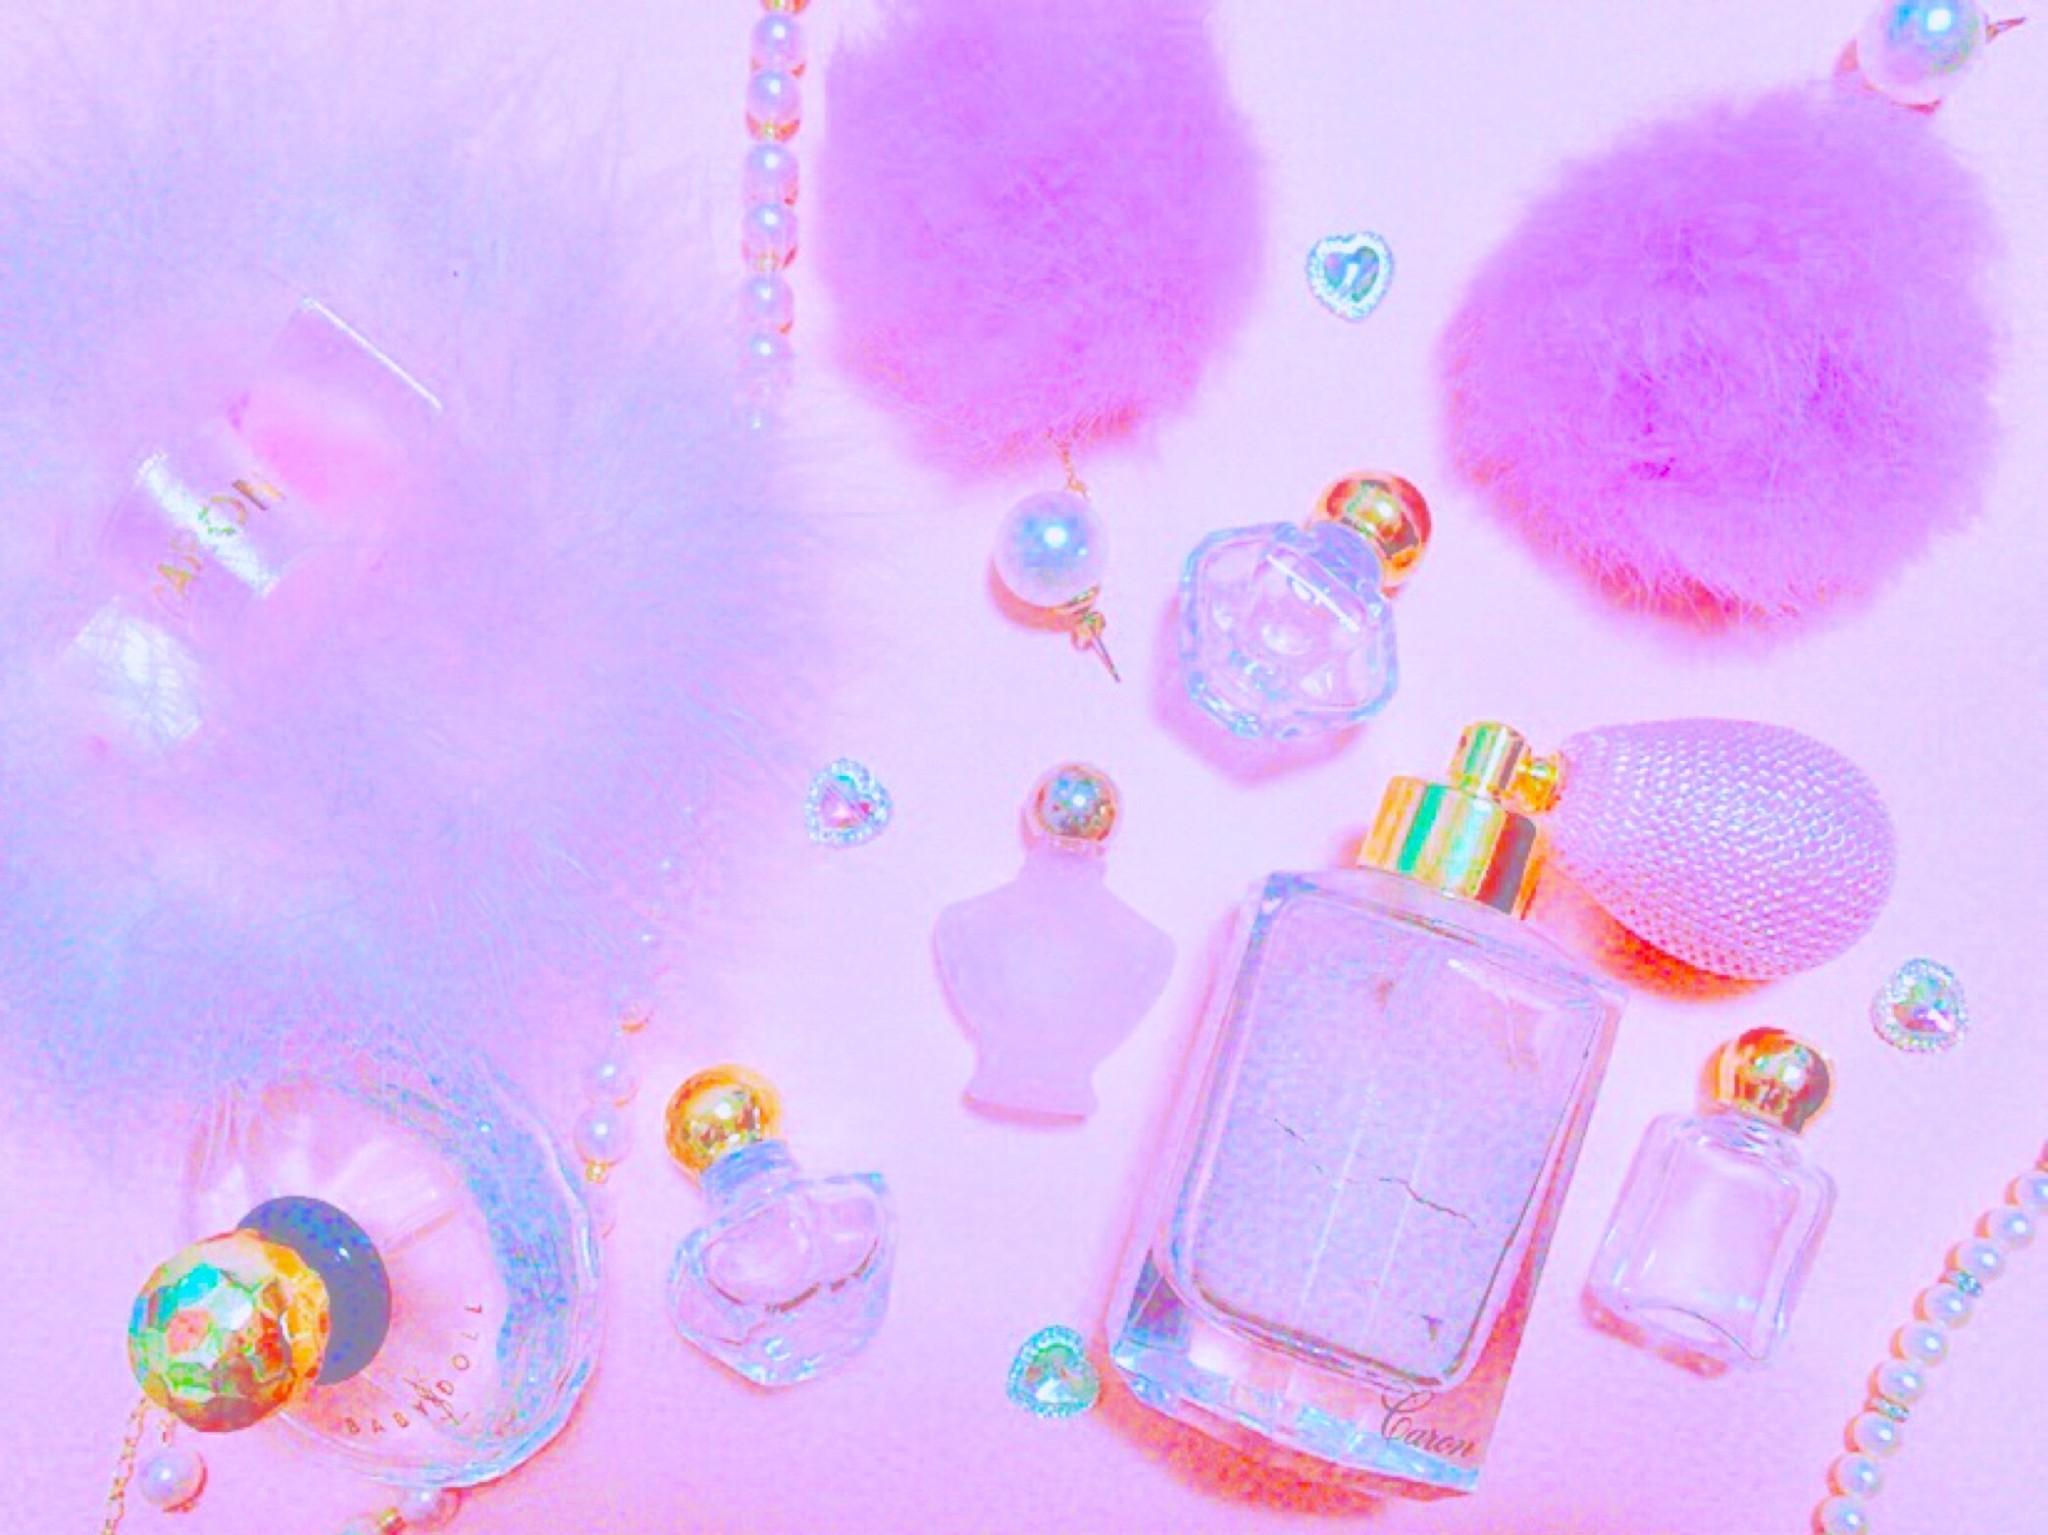 乙女ゴコロくすぐる*ピンクでキラキラなかわいい香水瓶♡